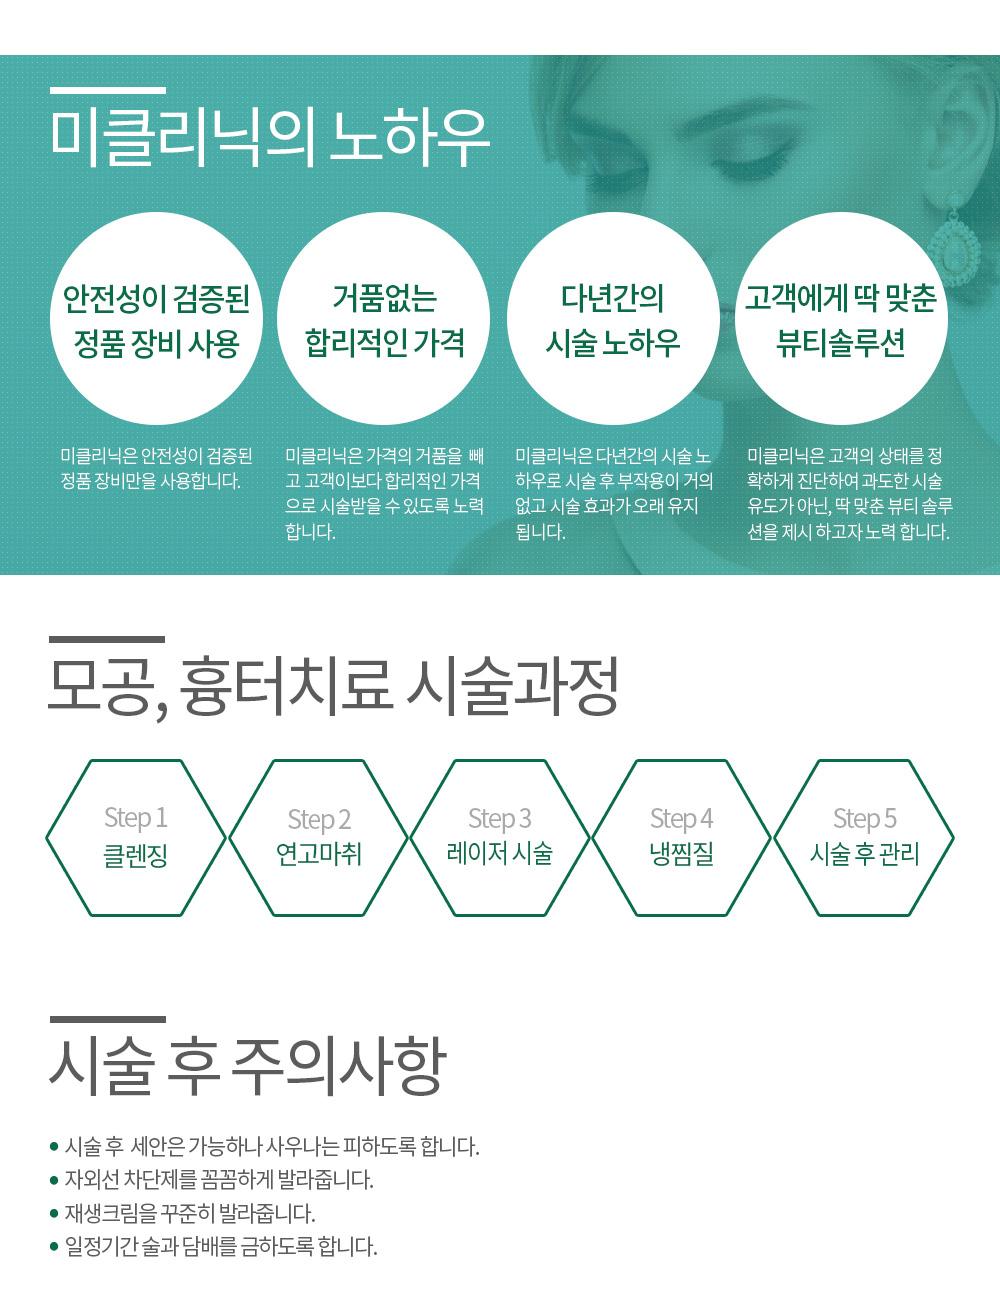 모공/흉터치료 컨텐츠